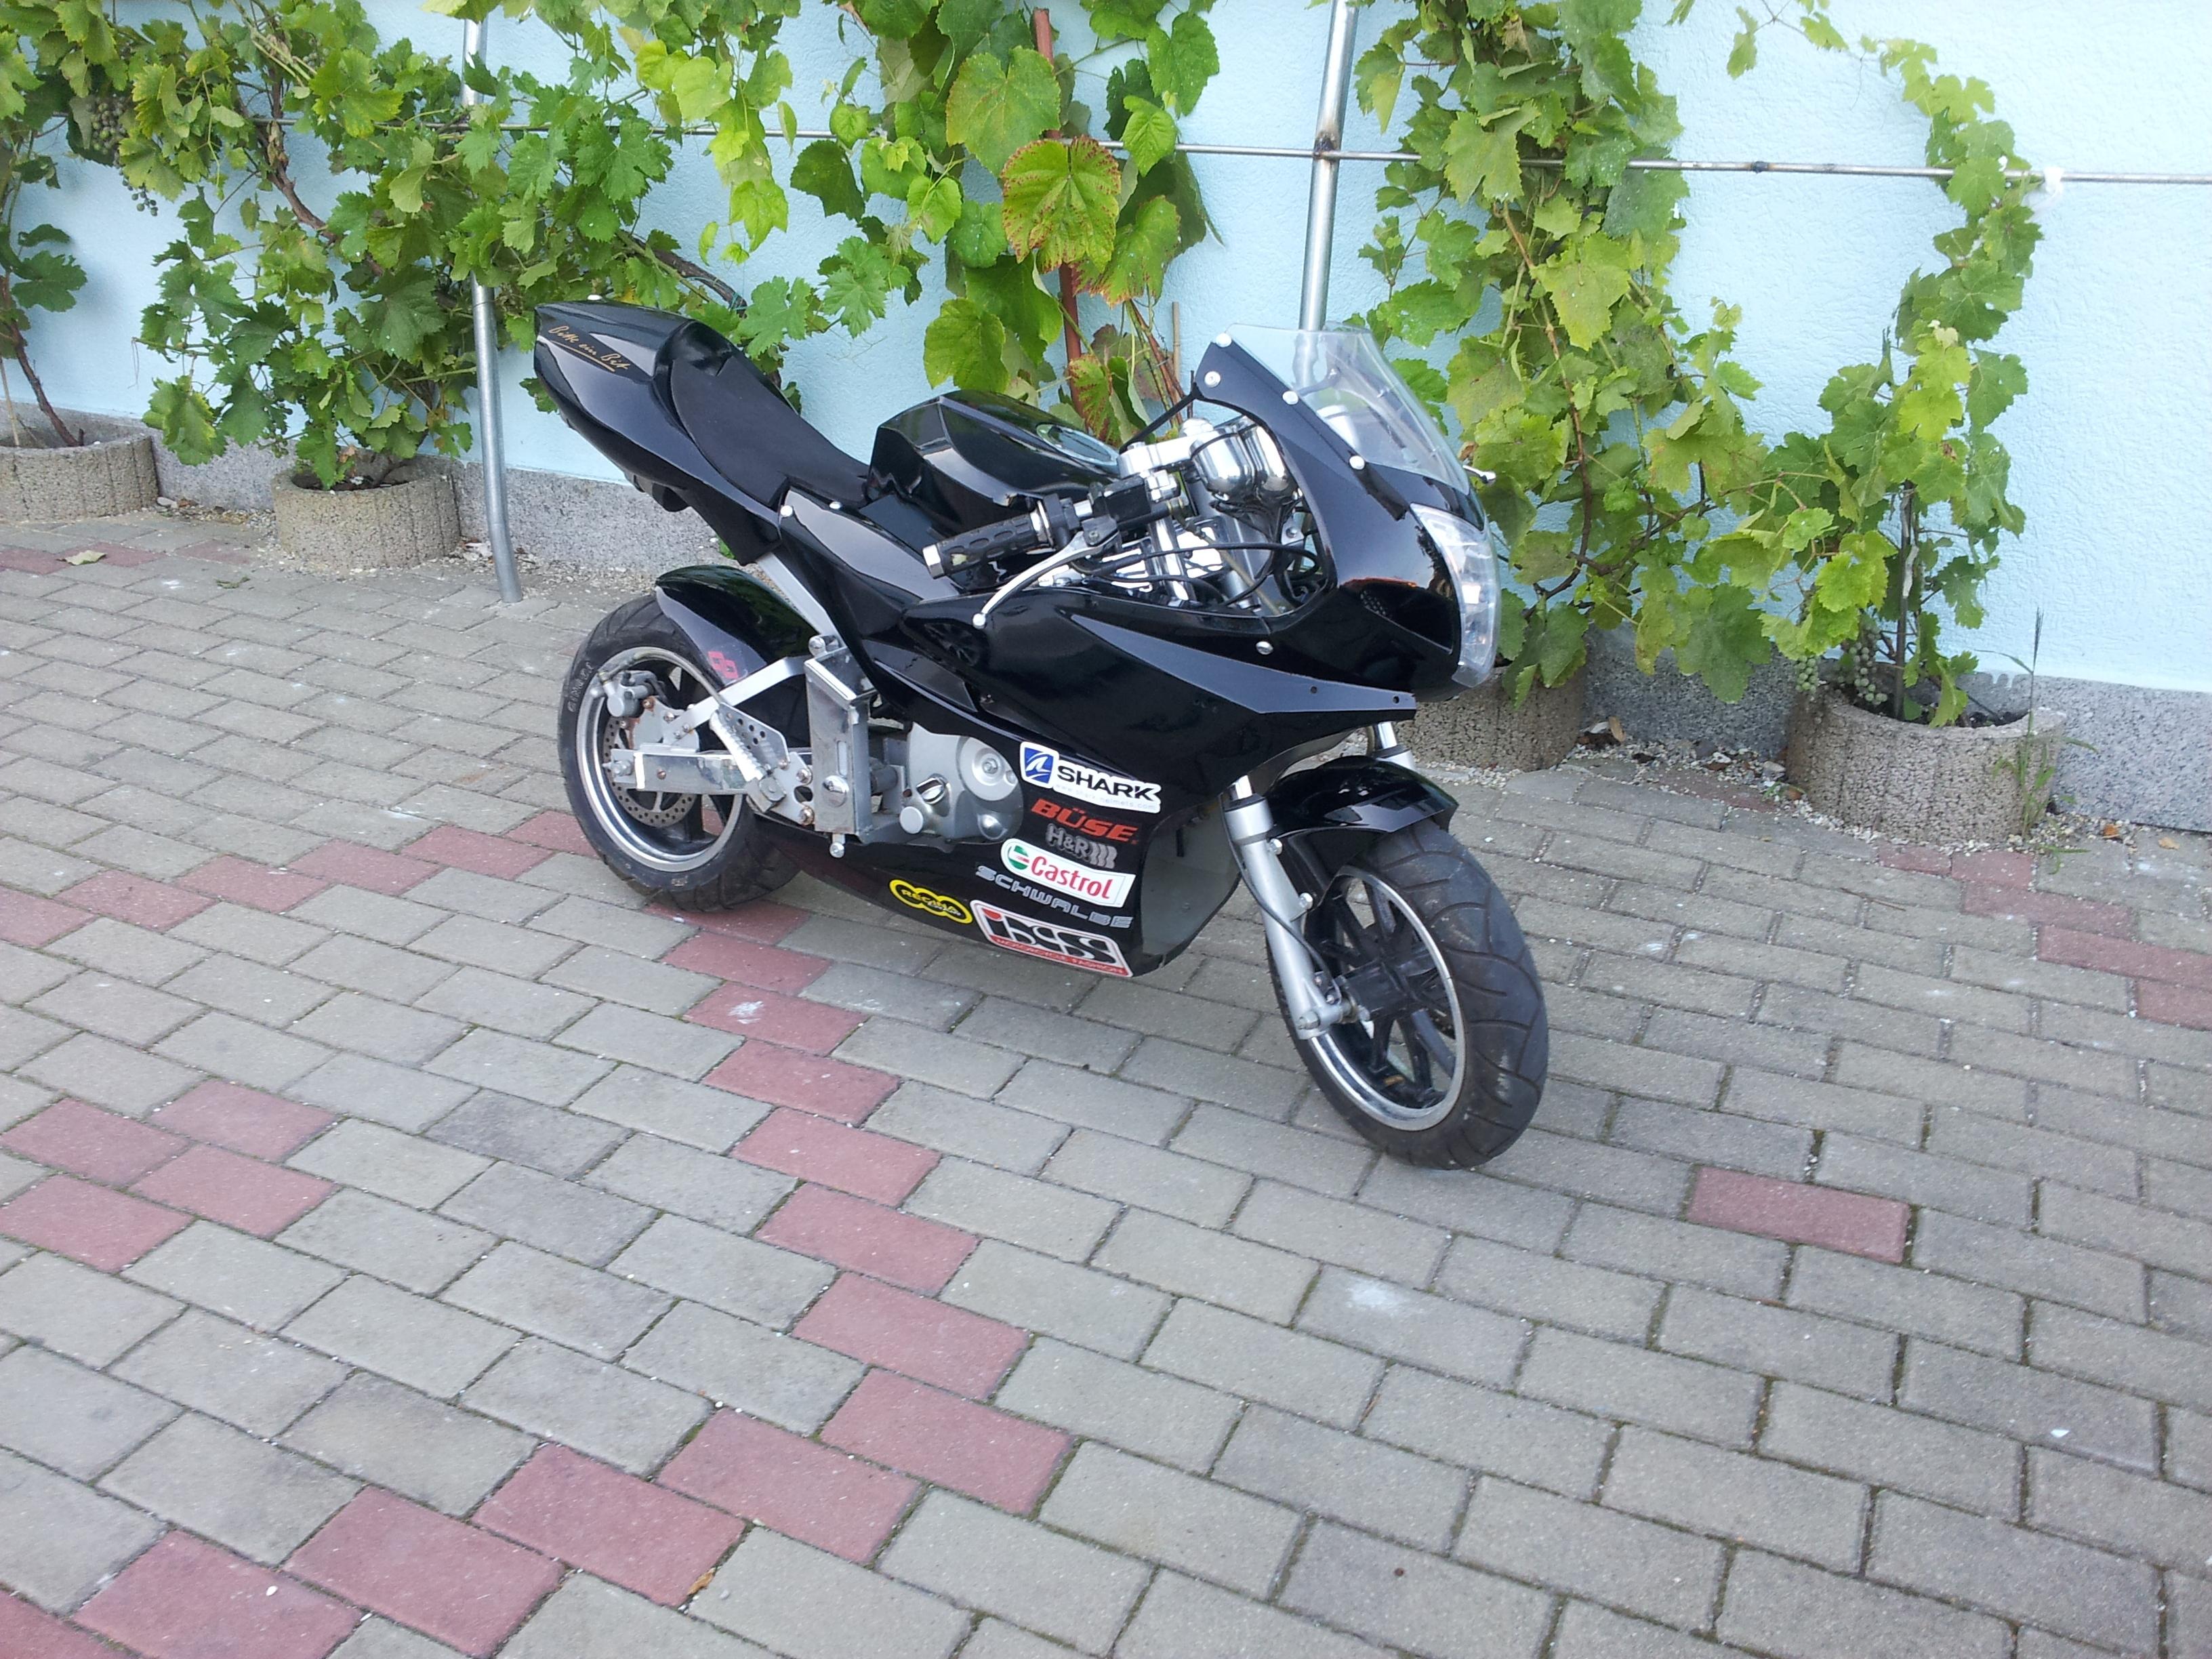 Ongebruikt Midi Club - Midibikes mit Straßenzulassung - Minibike-Club - Das PP-06